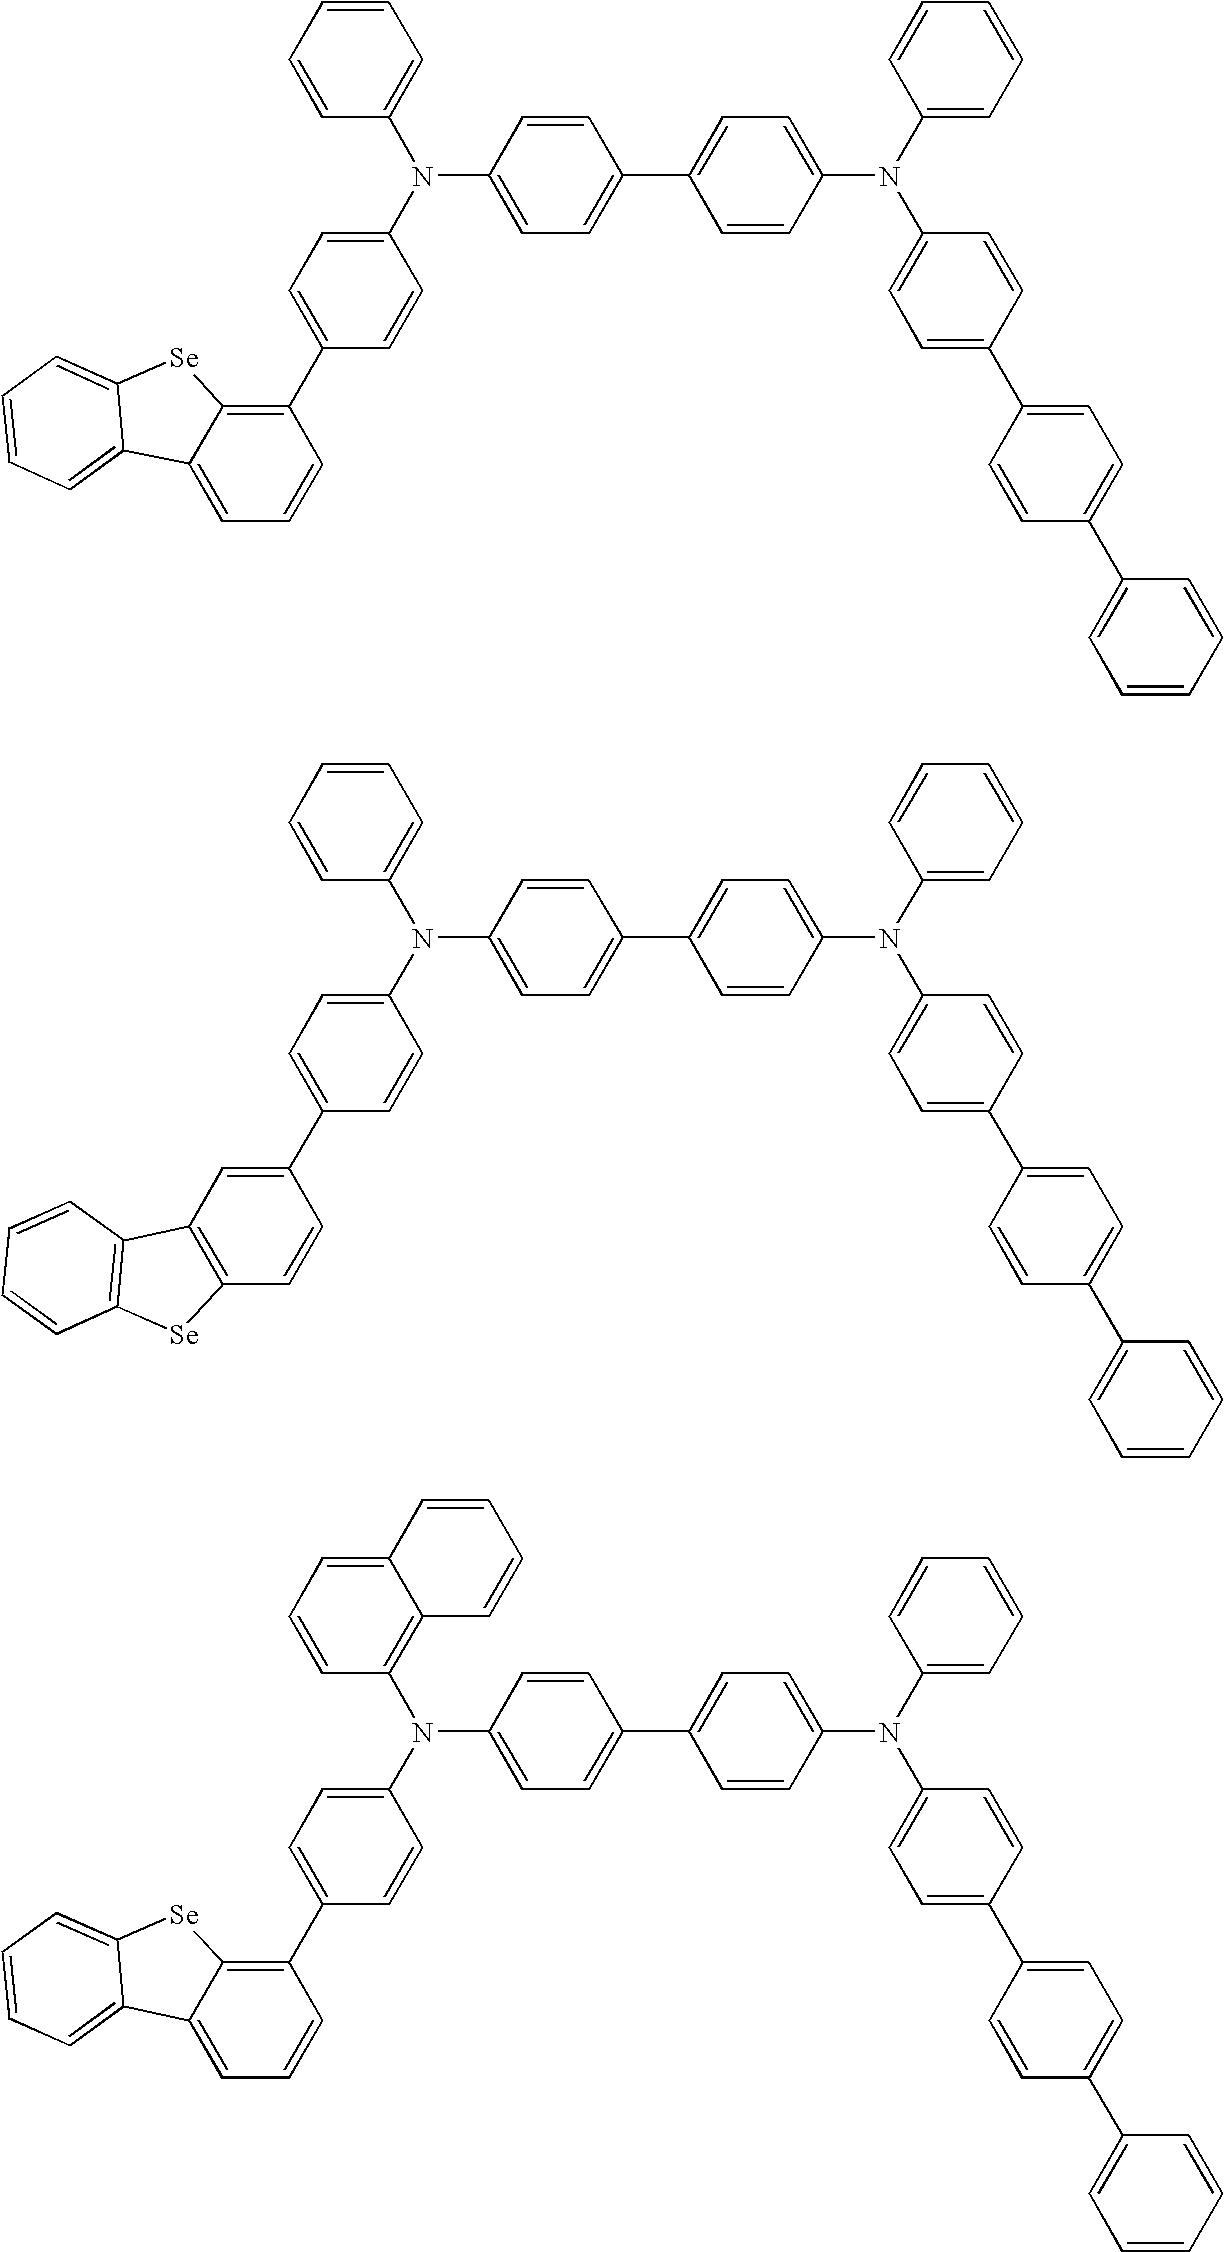 Figure US20100072887A1-20100325-C00248